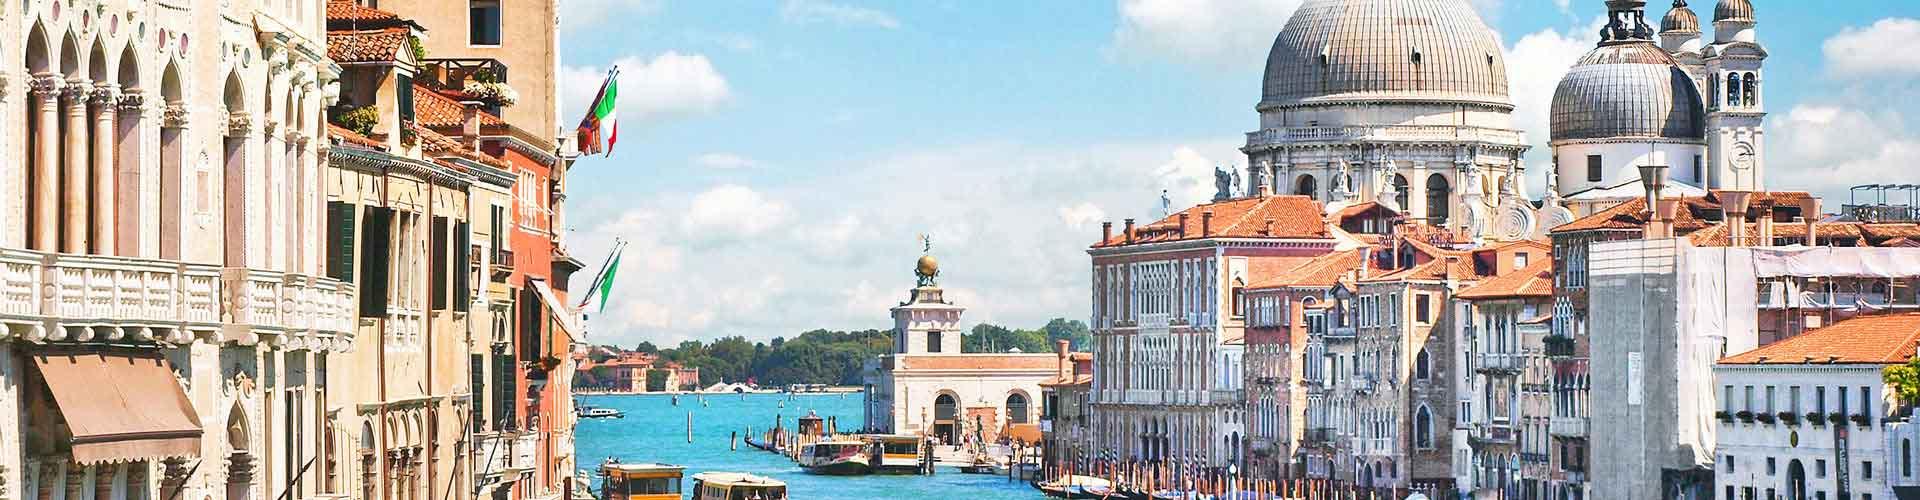 Venecia - Apartamentos cerca a Estación de tren de Venezia Mestre . Mapas de Venecia, Fotos y comentarios de cada Apartamento en Venecia.